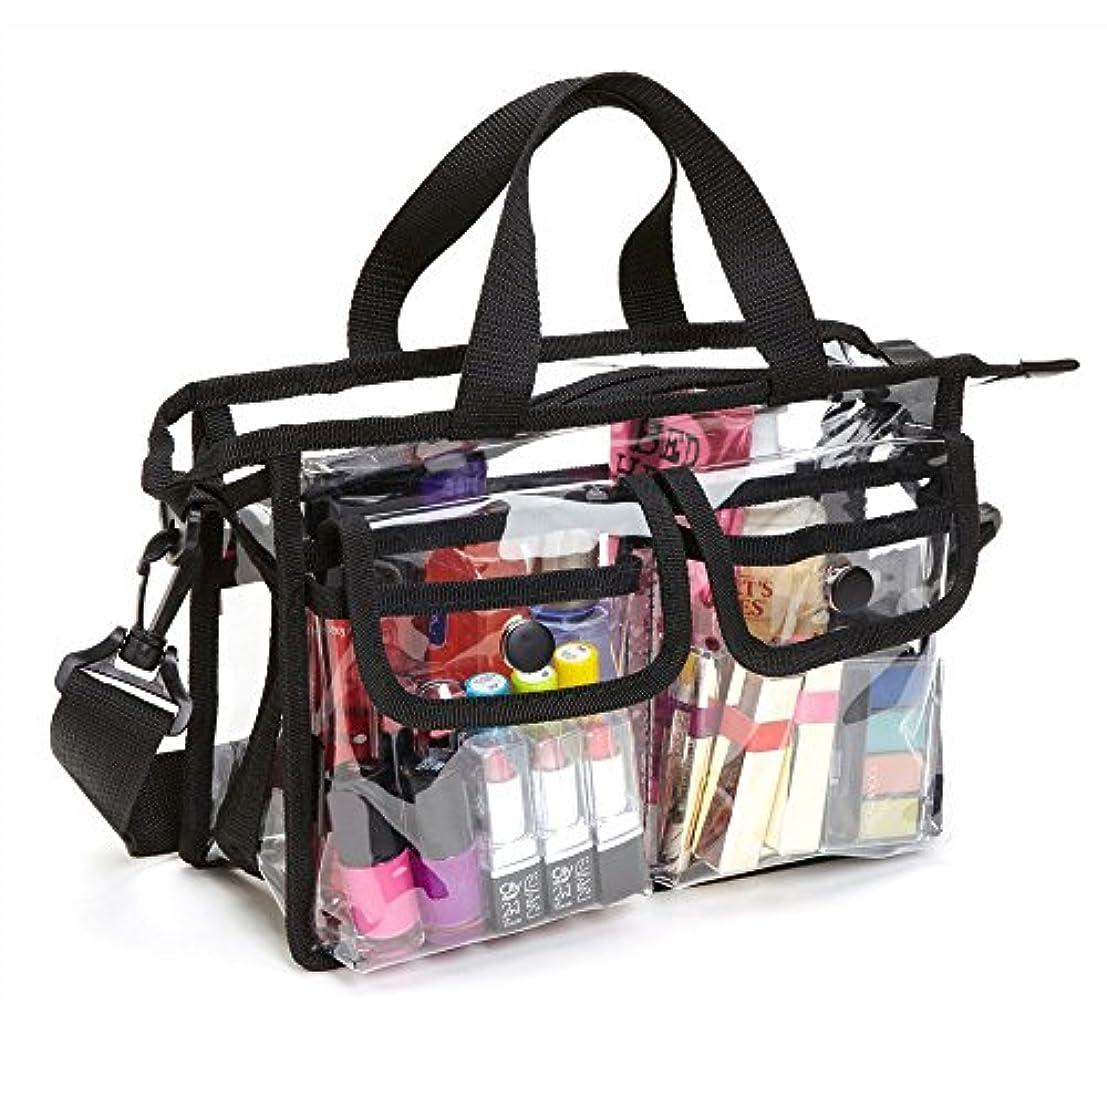 クッション一月恐れるメイクバッグ Akane EVA ショルダーバッグ 透明 お風呂 防水 厚く 家用 便利 旅行 ビーチ 化粧バッグ